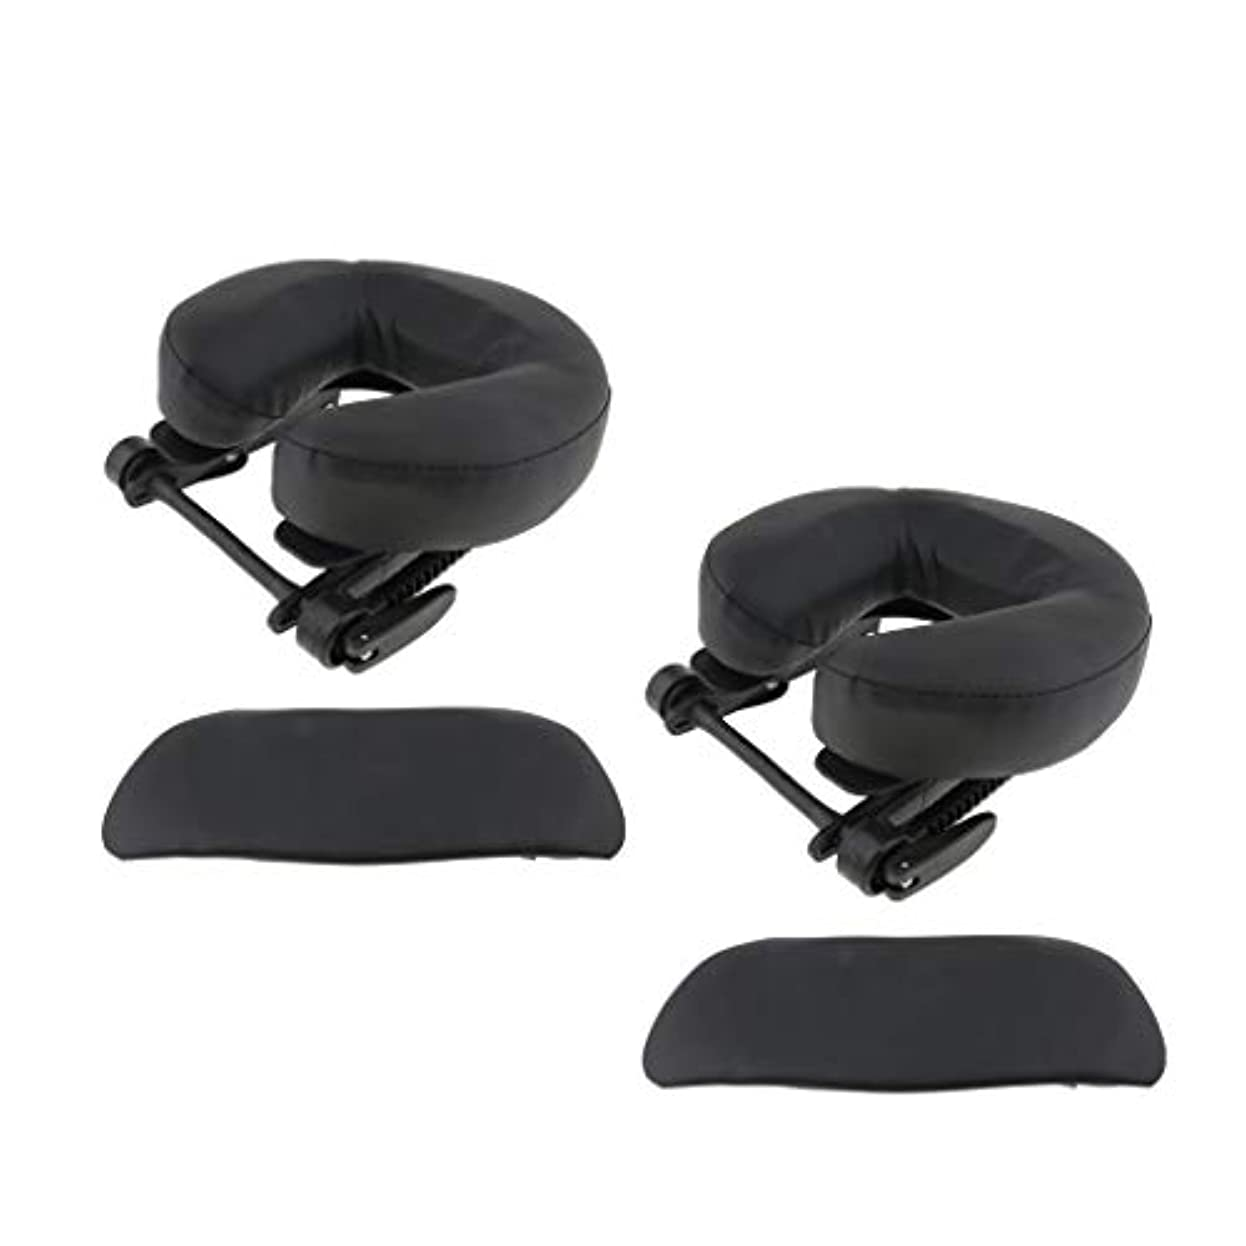 通行料金アフリカ犯すHellery クッション 枕パッド マッサージ ベッド テーブル用 実用性 6個